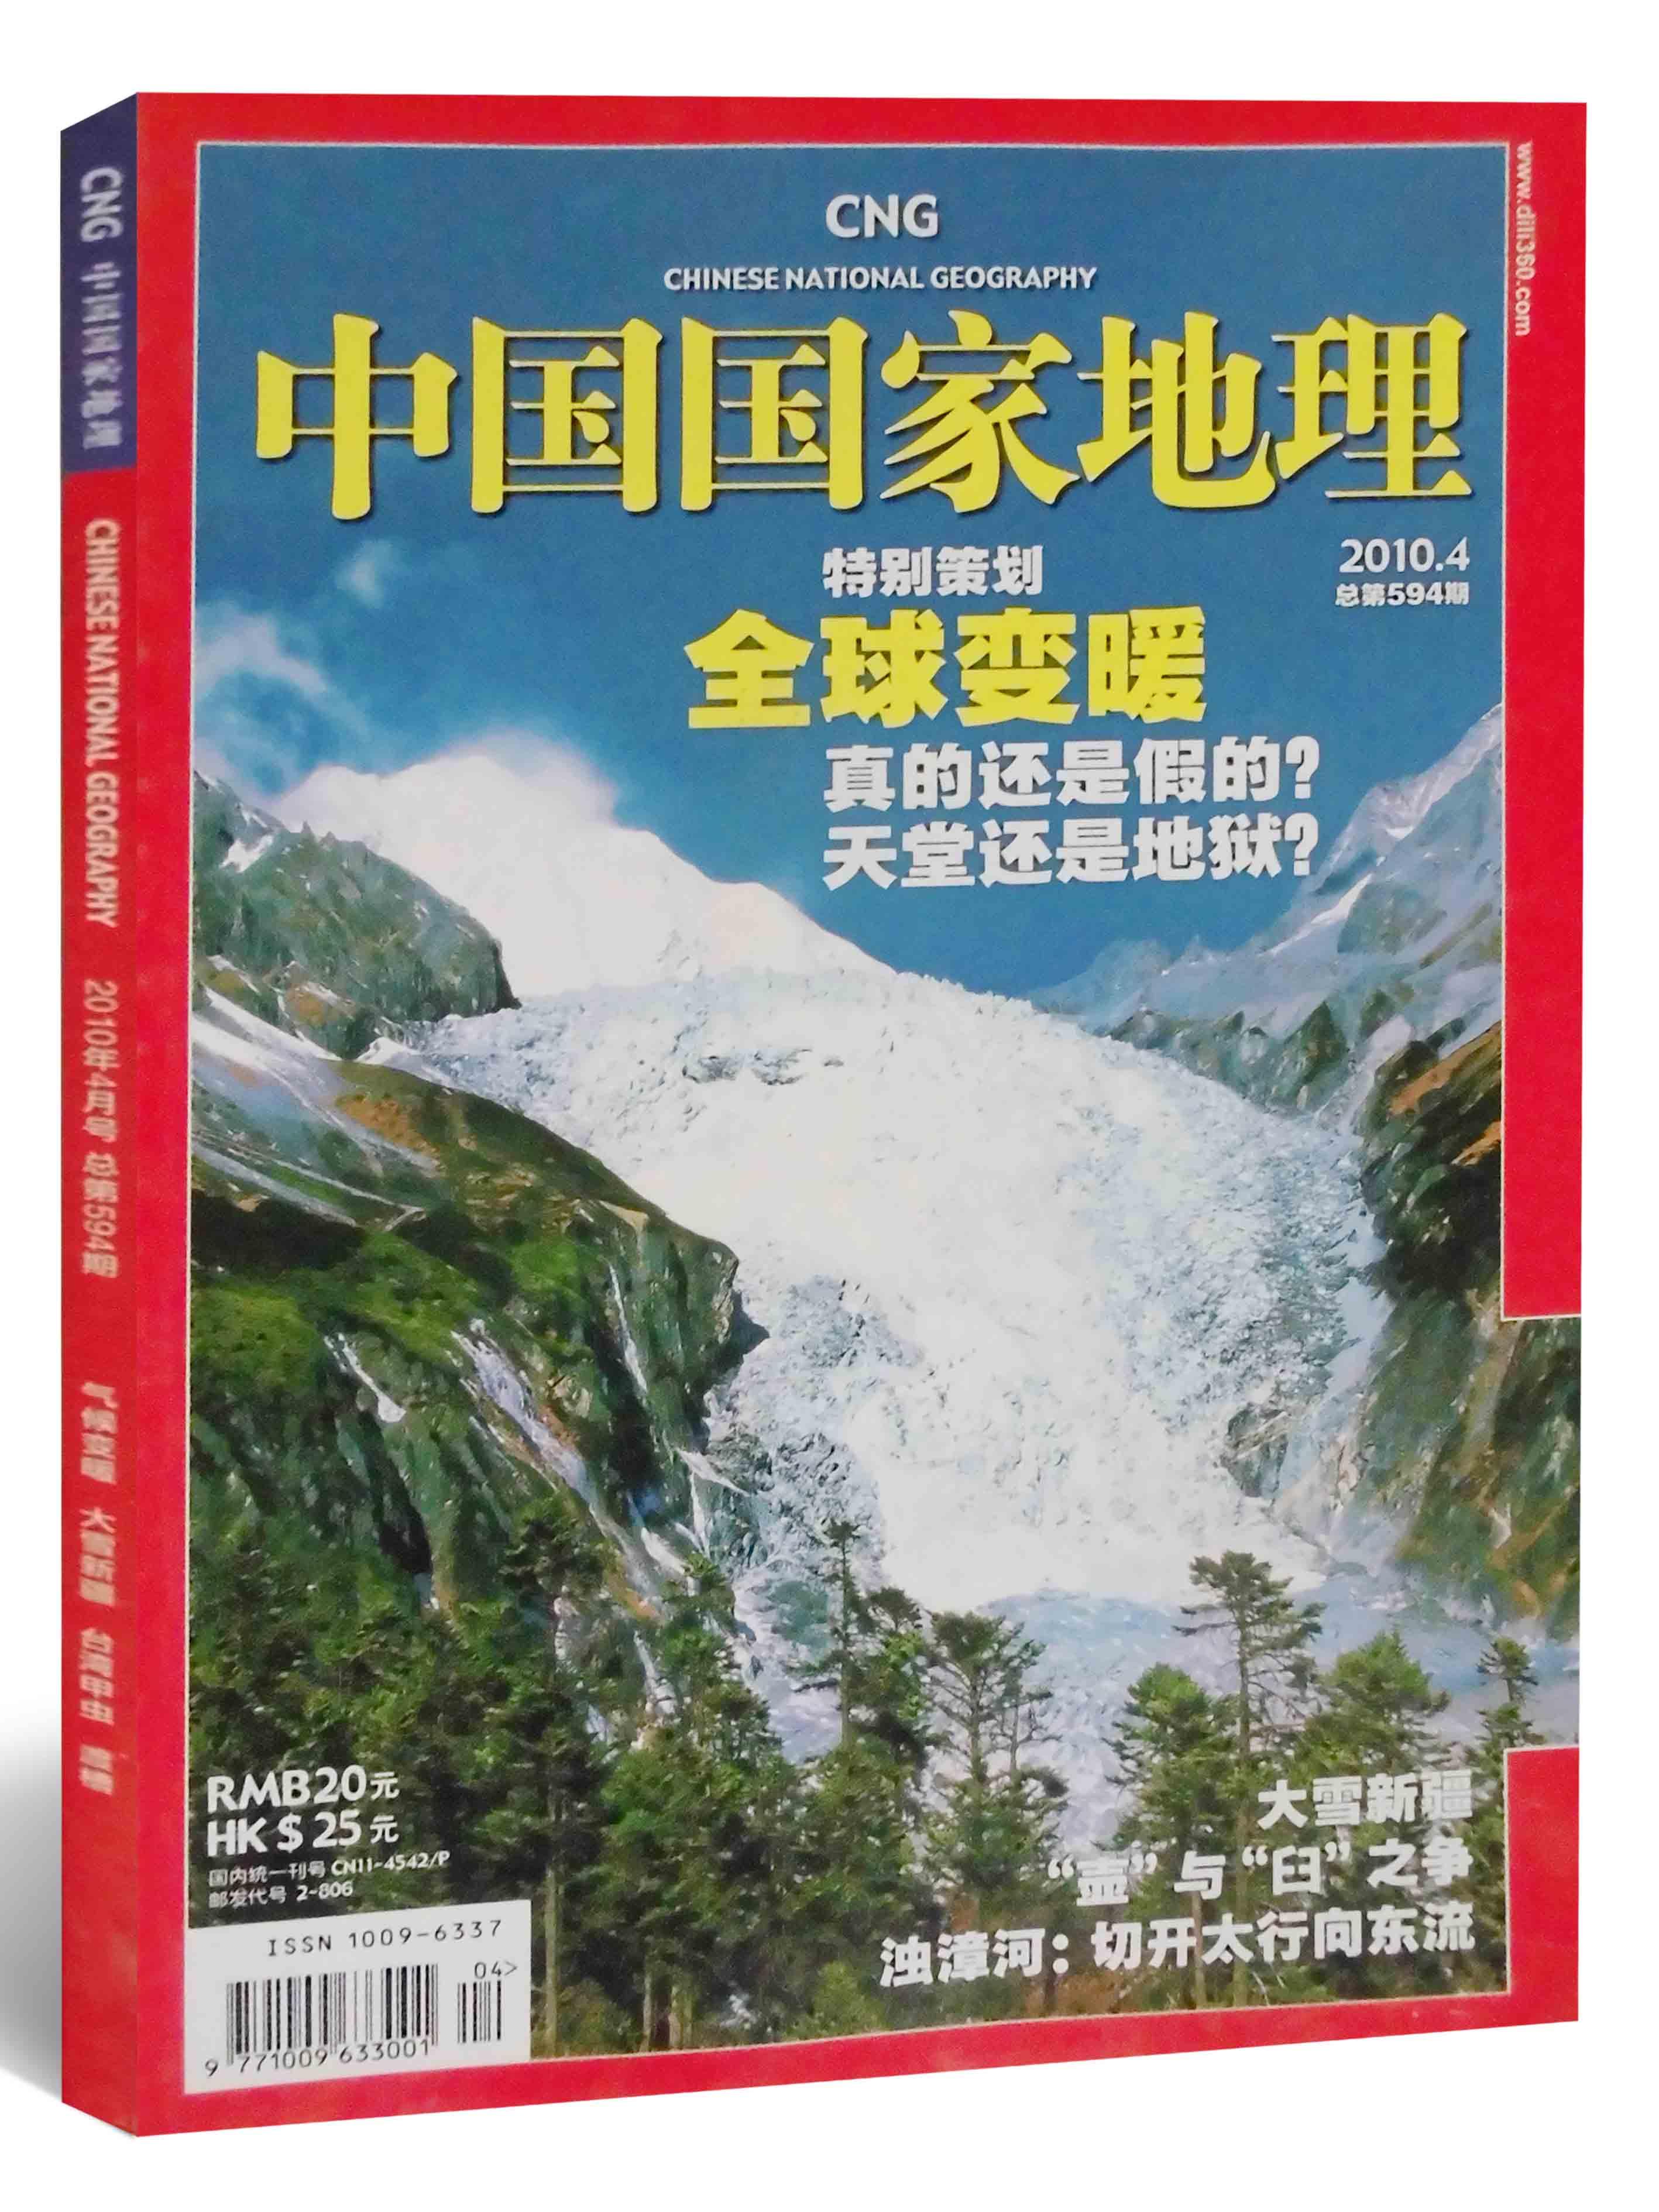 中国旅游杂志排行榜_求中国旅游类杂志期刊排行榜-